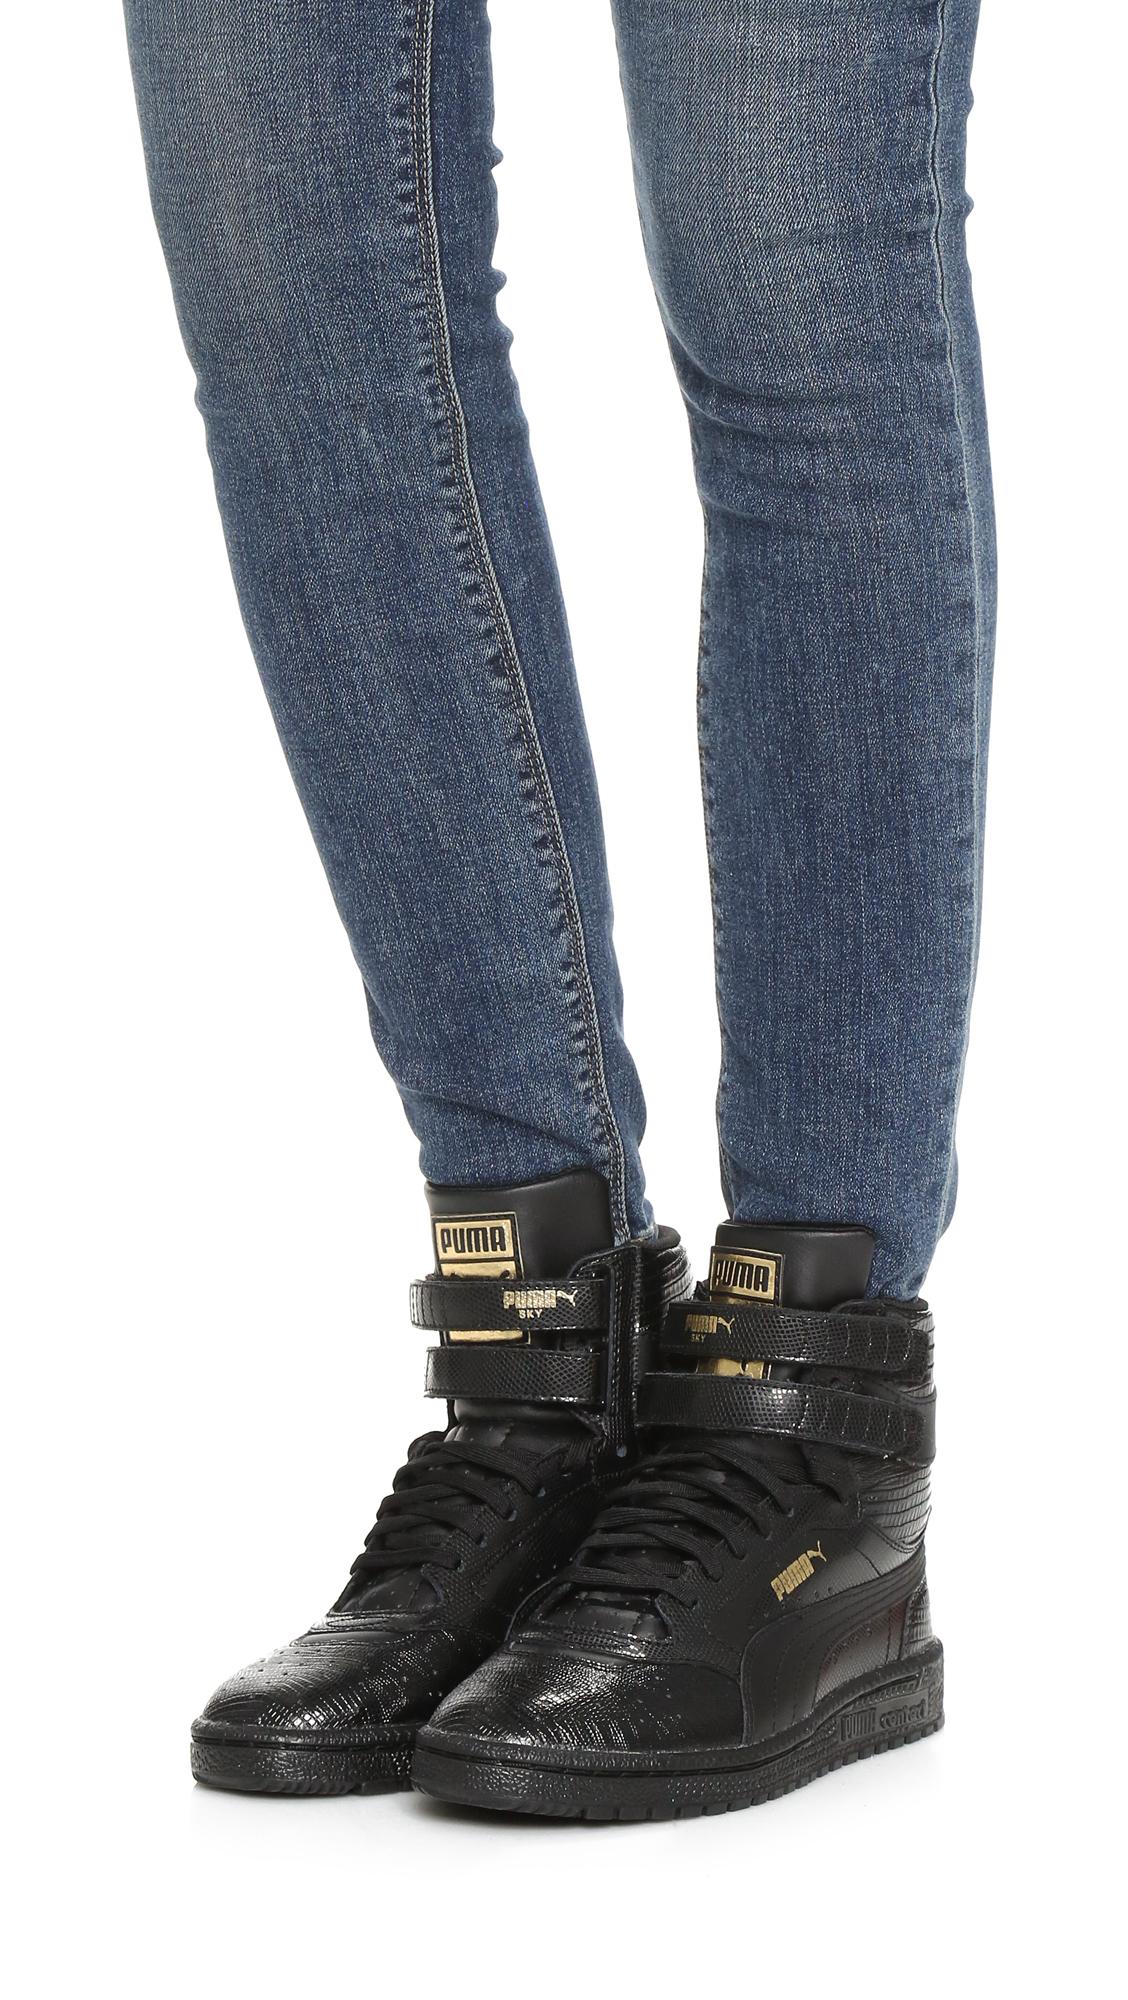 b376acd89a2 PUMA Sky Ii High Top Sneakers in Black - Lyst